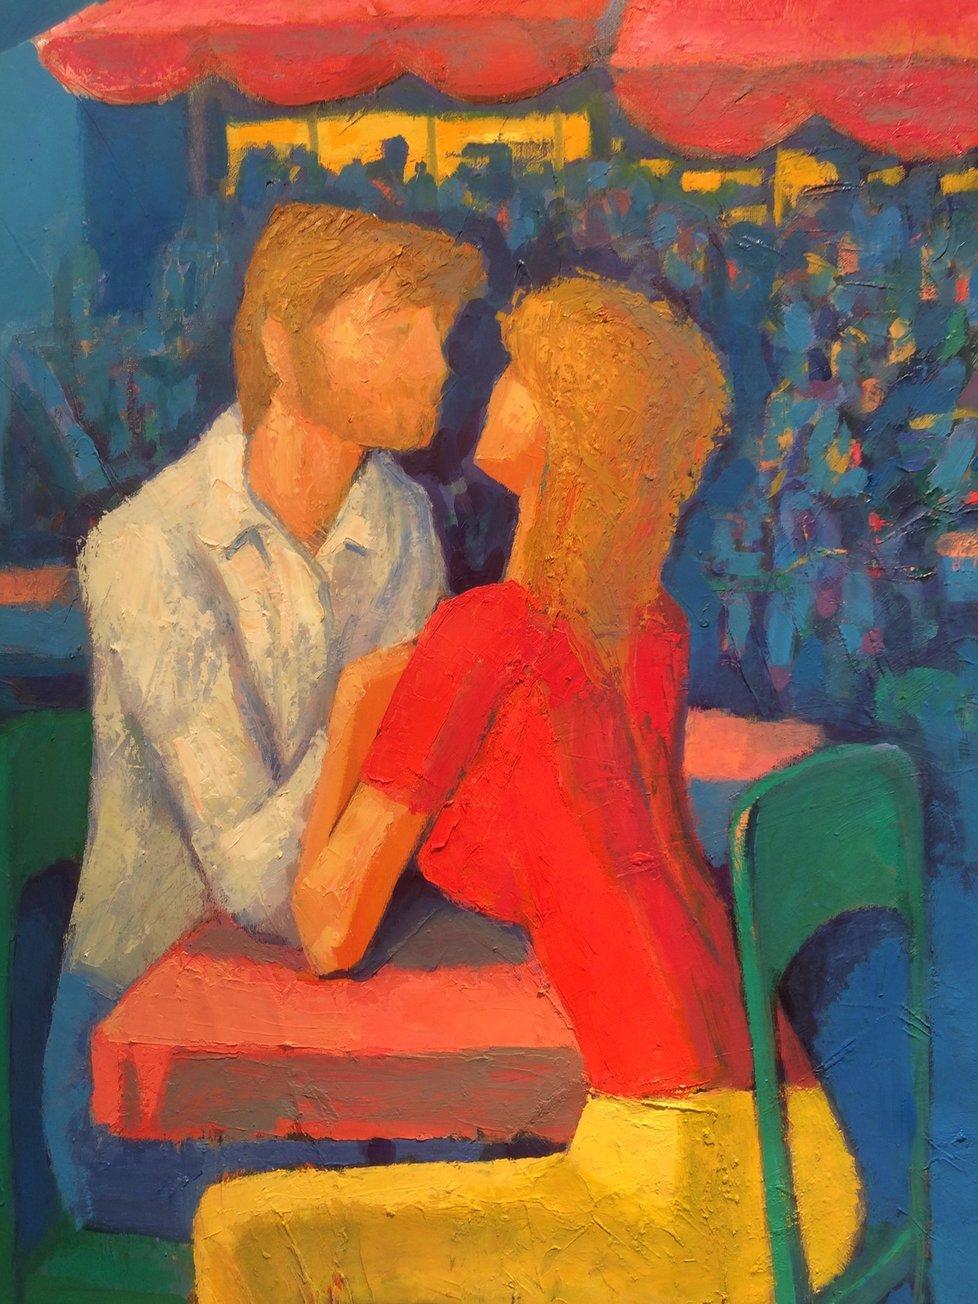 Touha - obraz vystihuje setkání dvou milenců v kavárně, přičemž jsou natolik zahleděni jeden do druhého, že okolní svět pro ně v podstatě neexistuje.